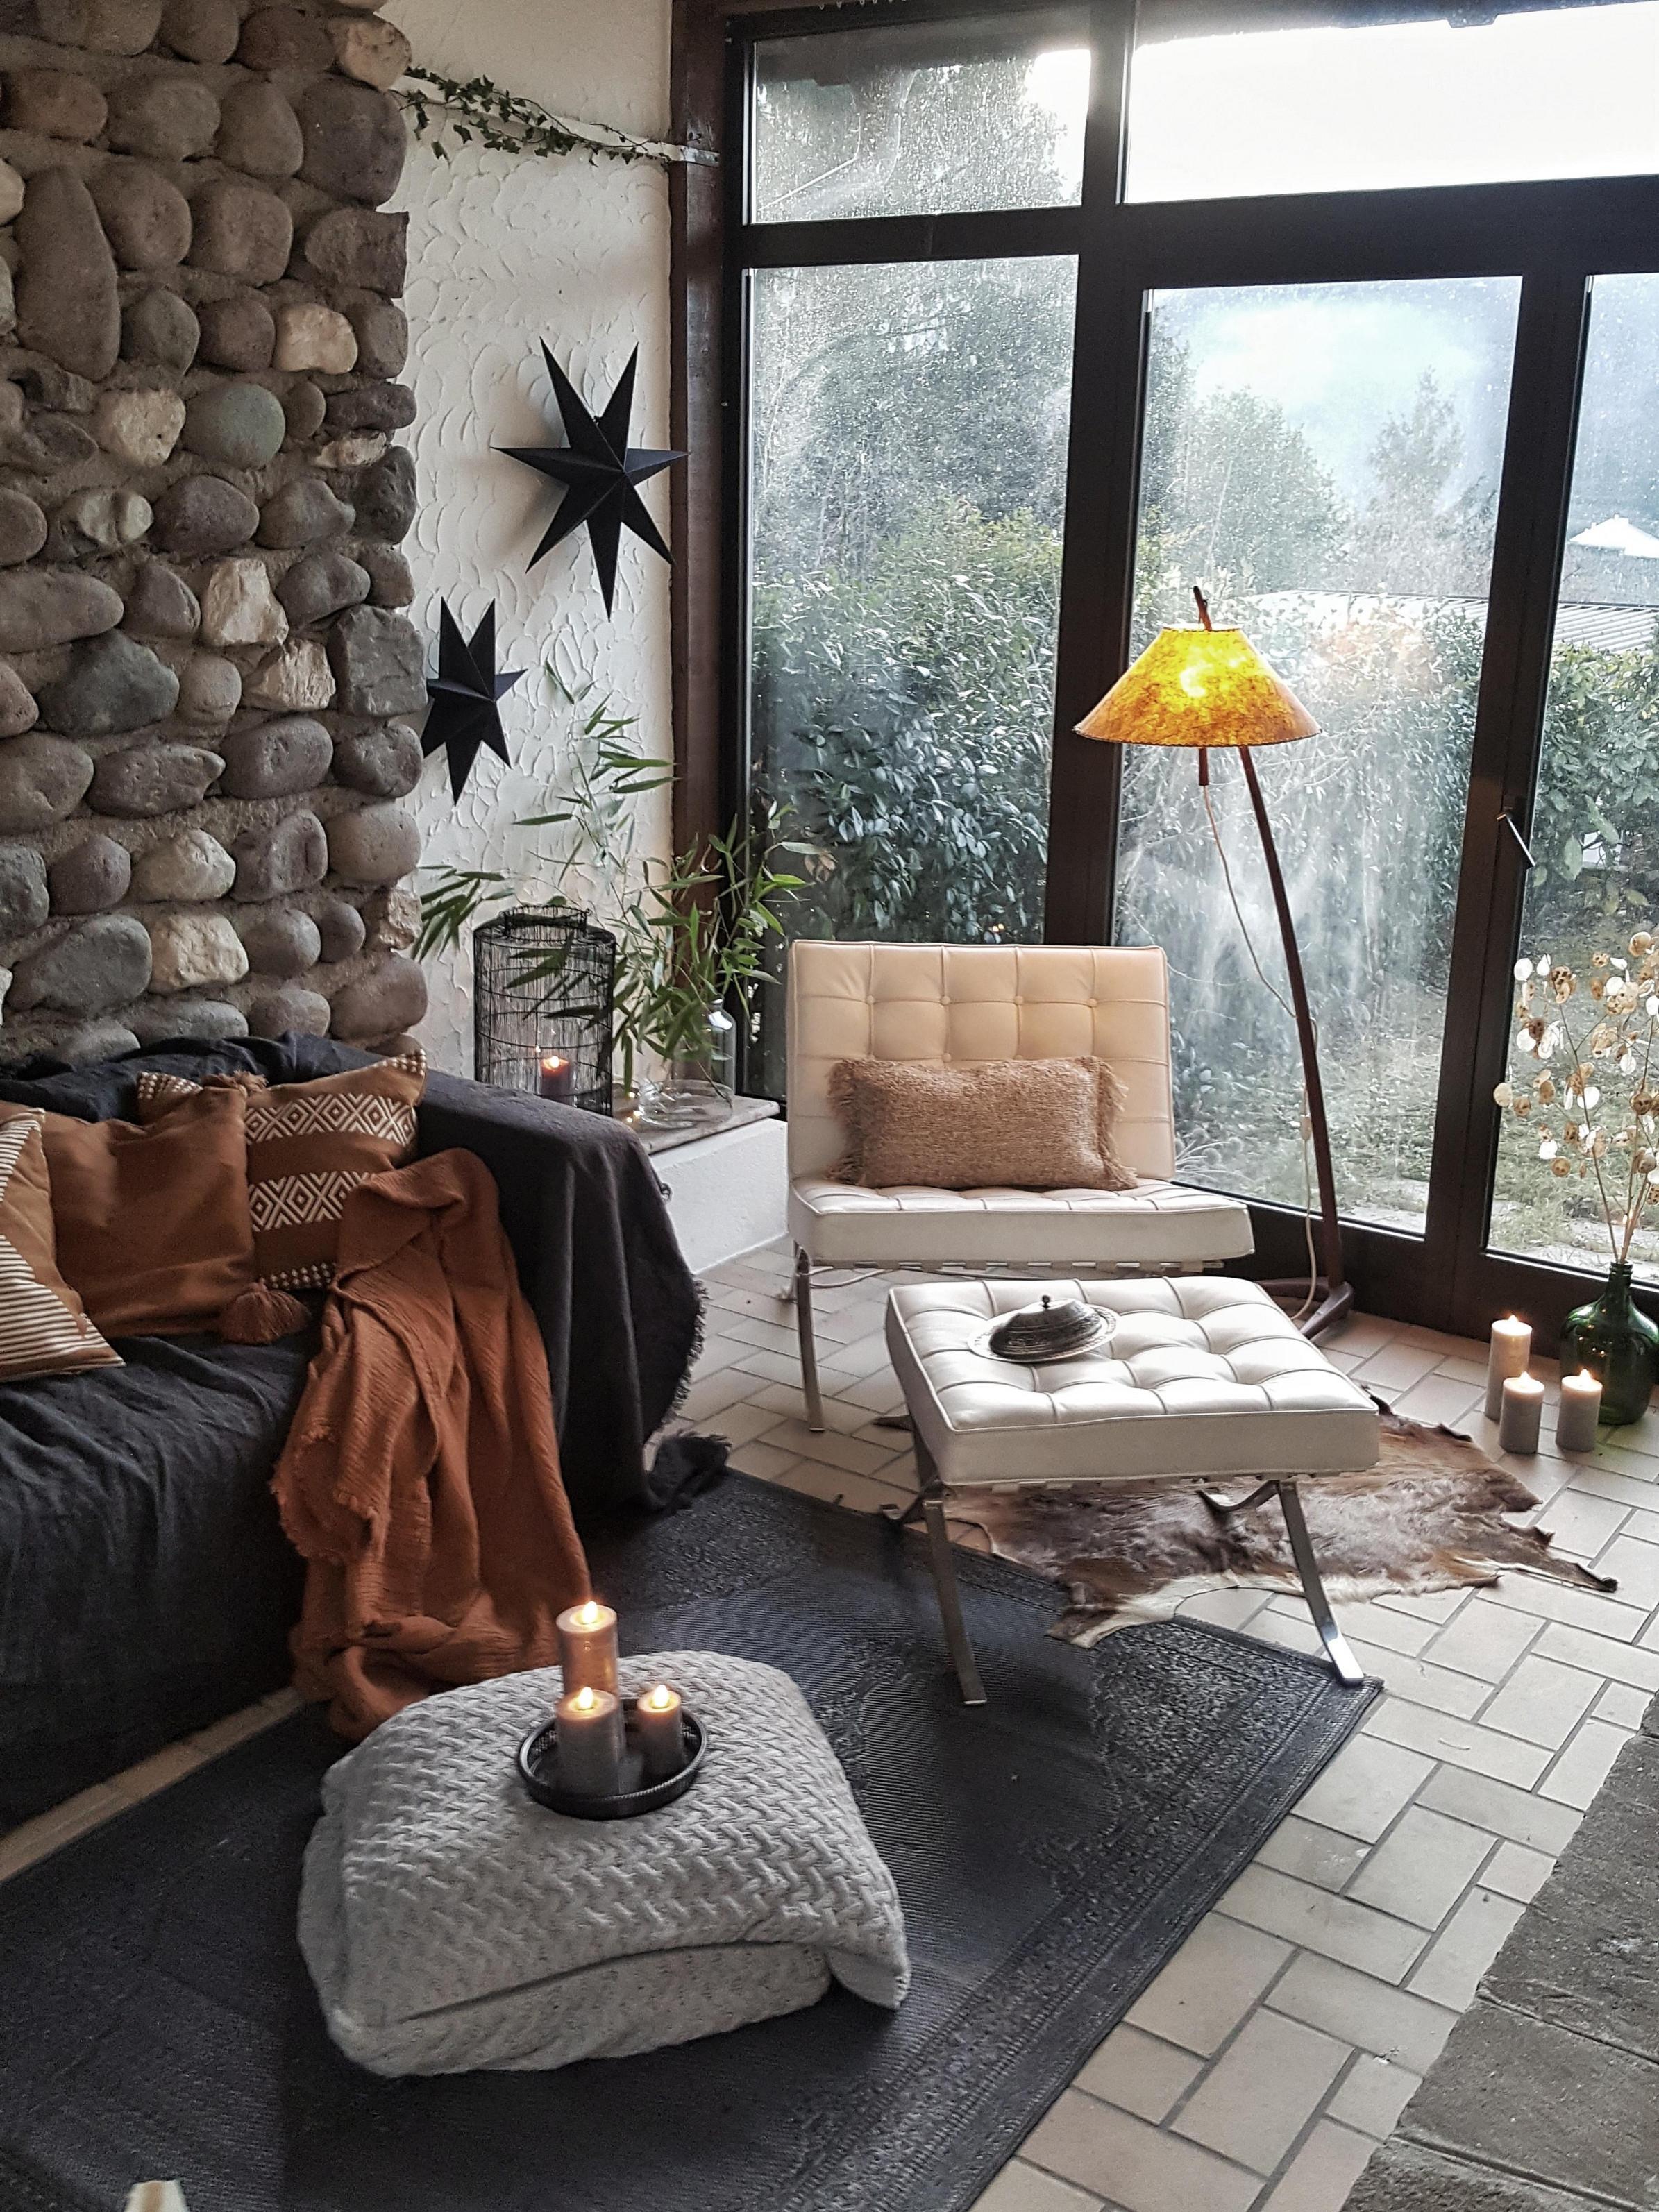 Wohnzimmer Deko Ideen Rustikal – Caseconrad von Deko Rustikal Wohnzimmer Photo